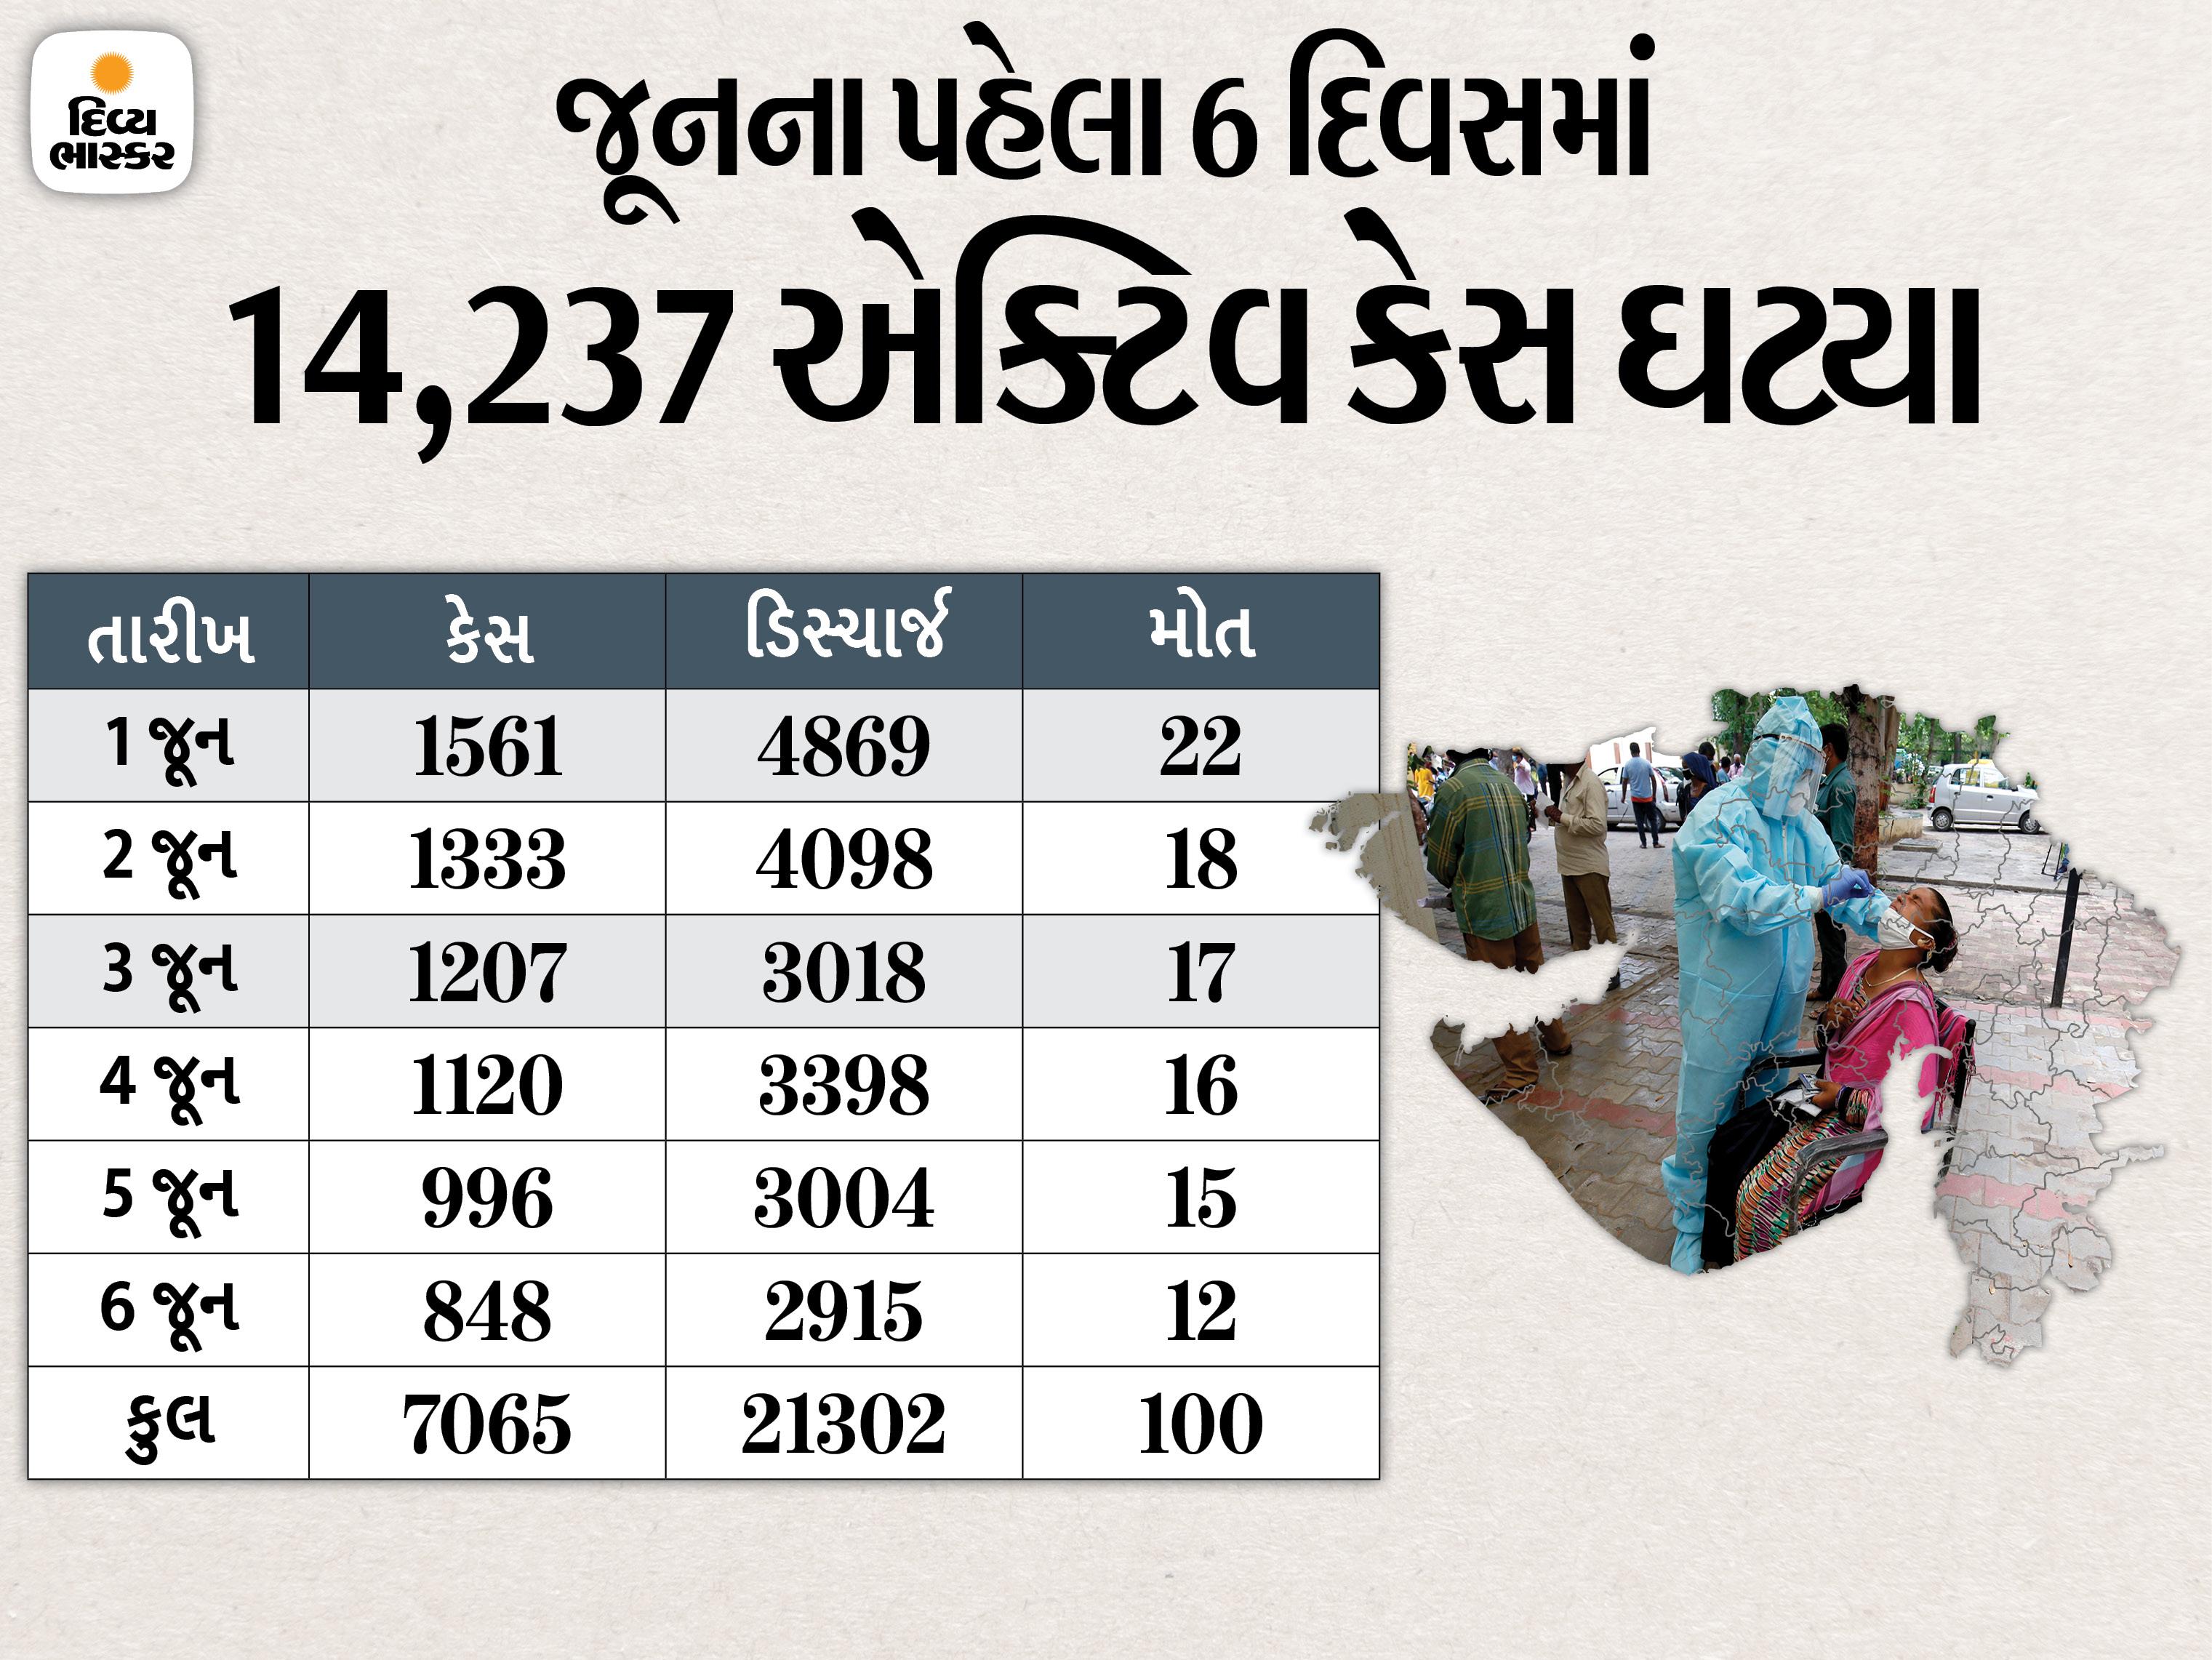 રાજ્યના 6 જિલ્લામાં શૂન્ય અને 6 જિલ્લામાં 1થી 5ની અંદર નવા કેસ, 26 જિલ્લા અને 5 મહાનગરમાં એકપણ દર્દીનું મોત નહીં|અમદાવાદ,Ahmedabad - Divya Bhaskar